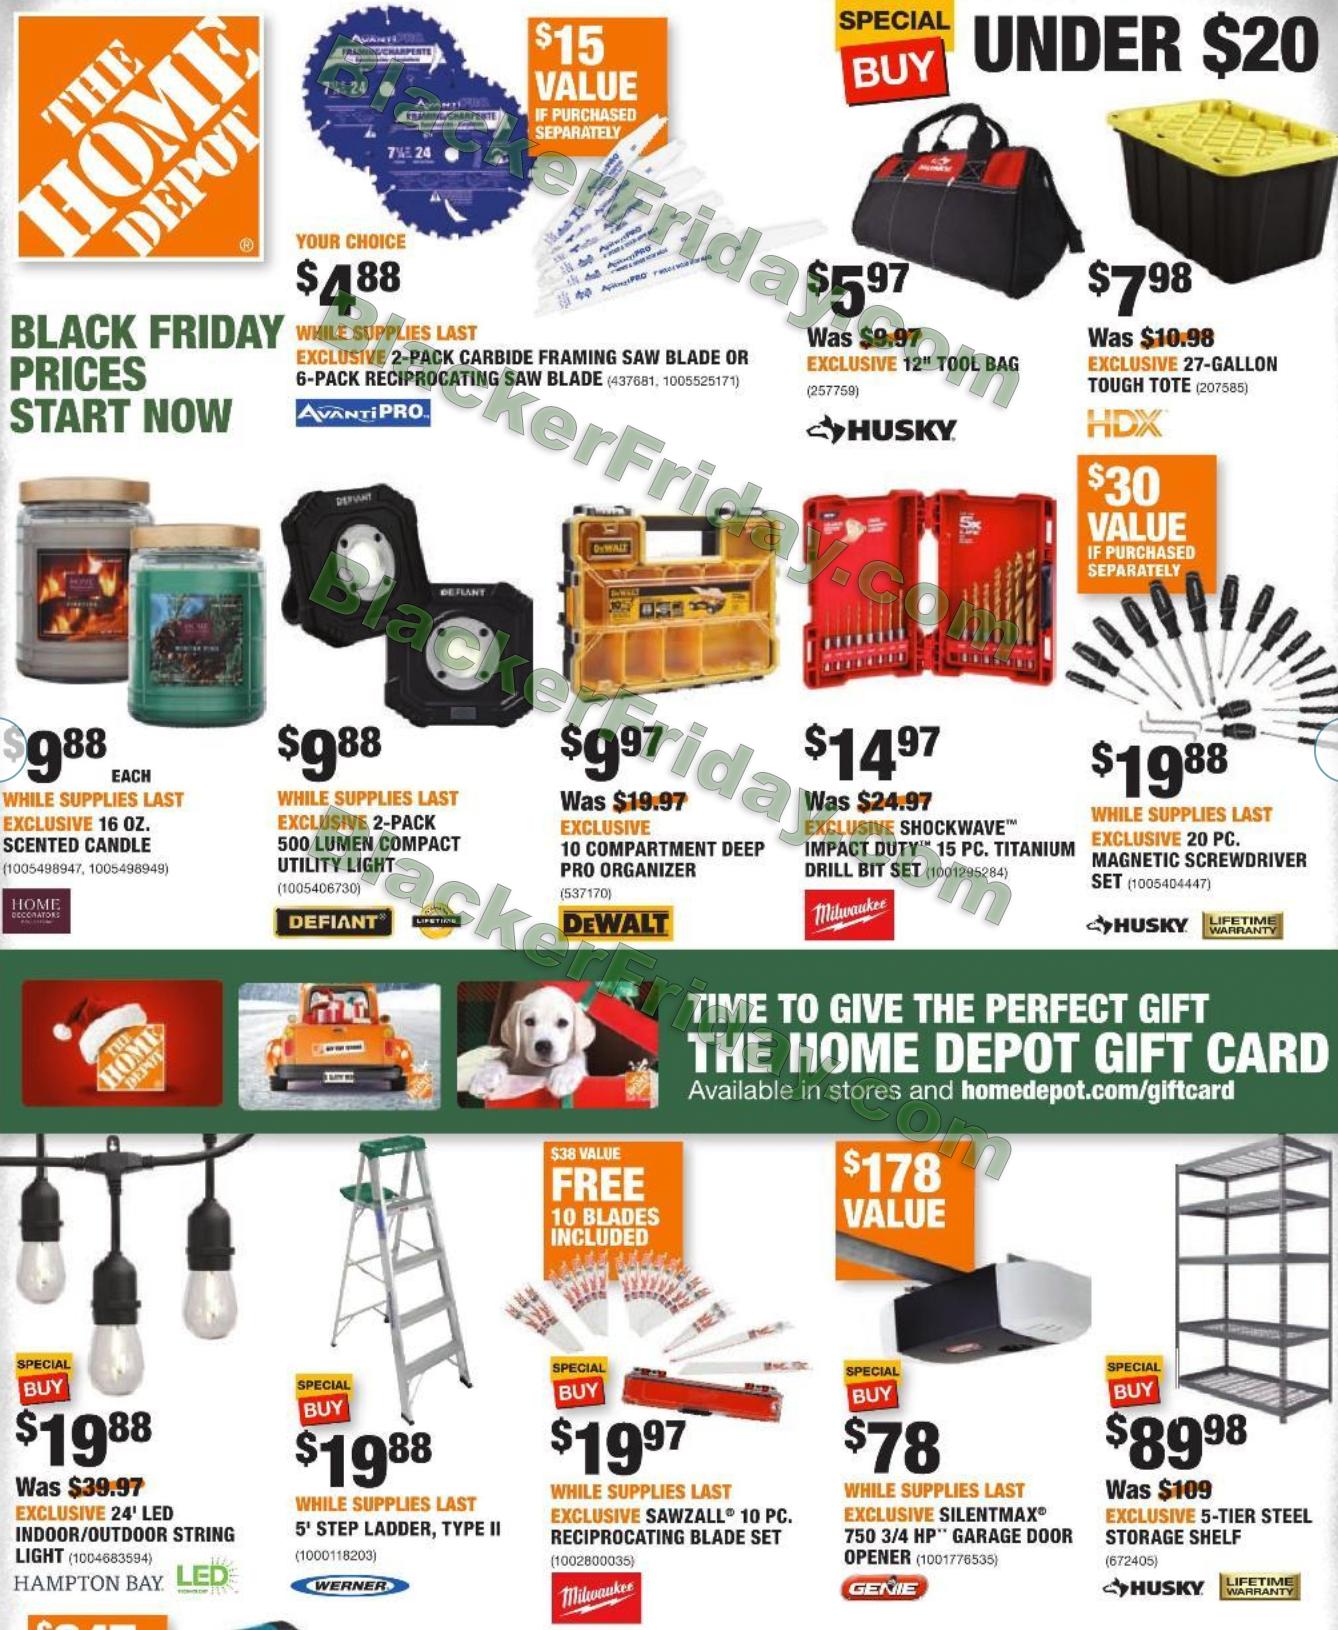 Home Depot Black Friday 2021 Ad Sale Details Blacker Friday